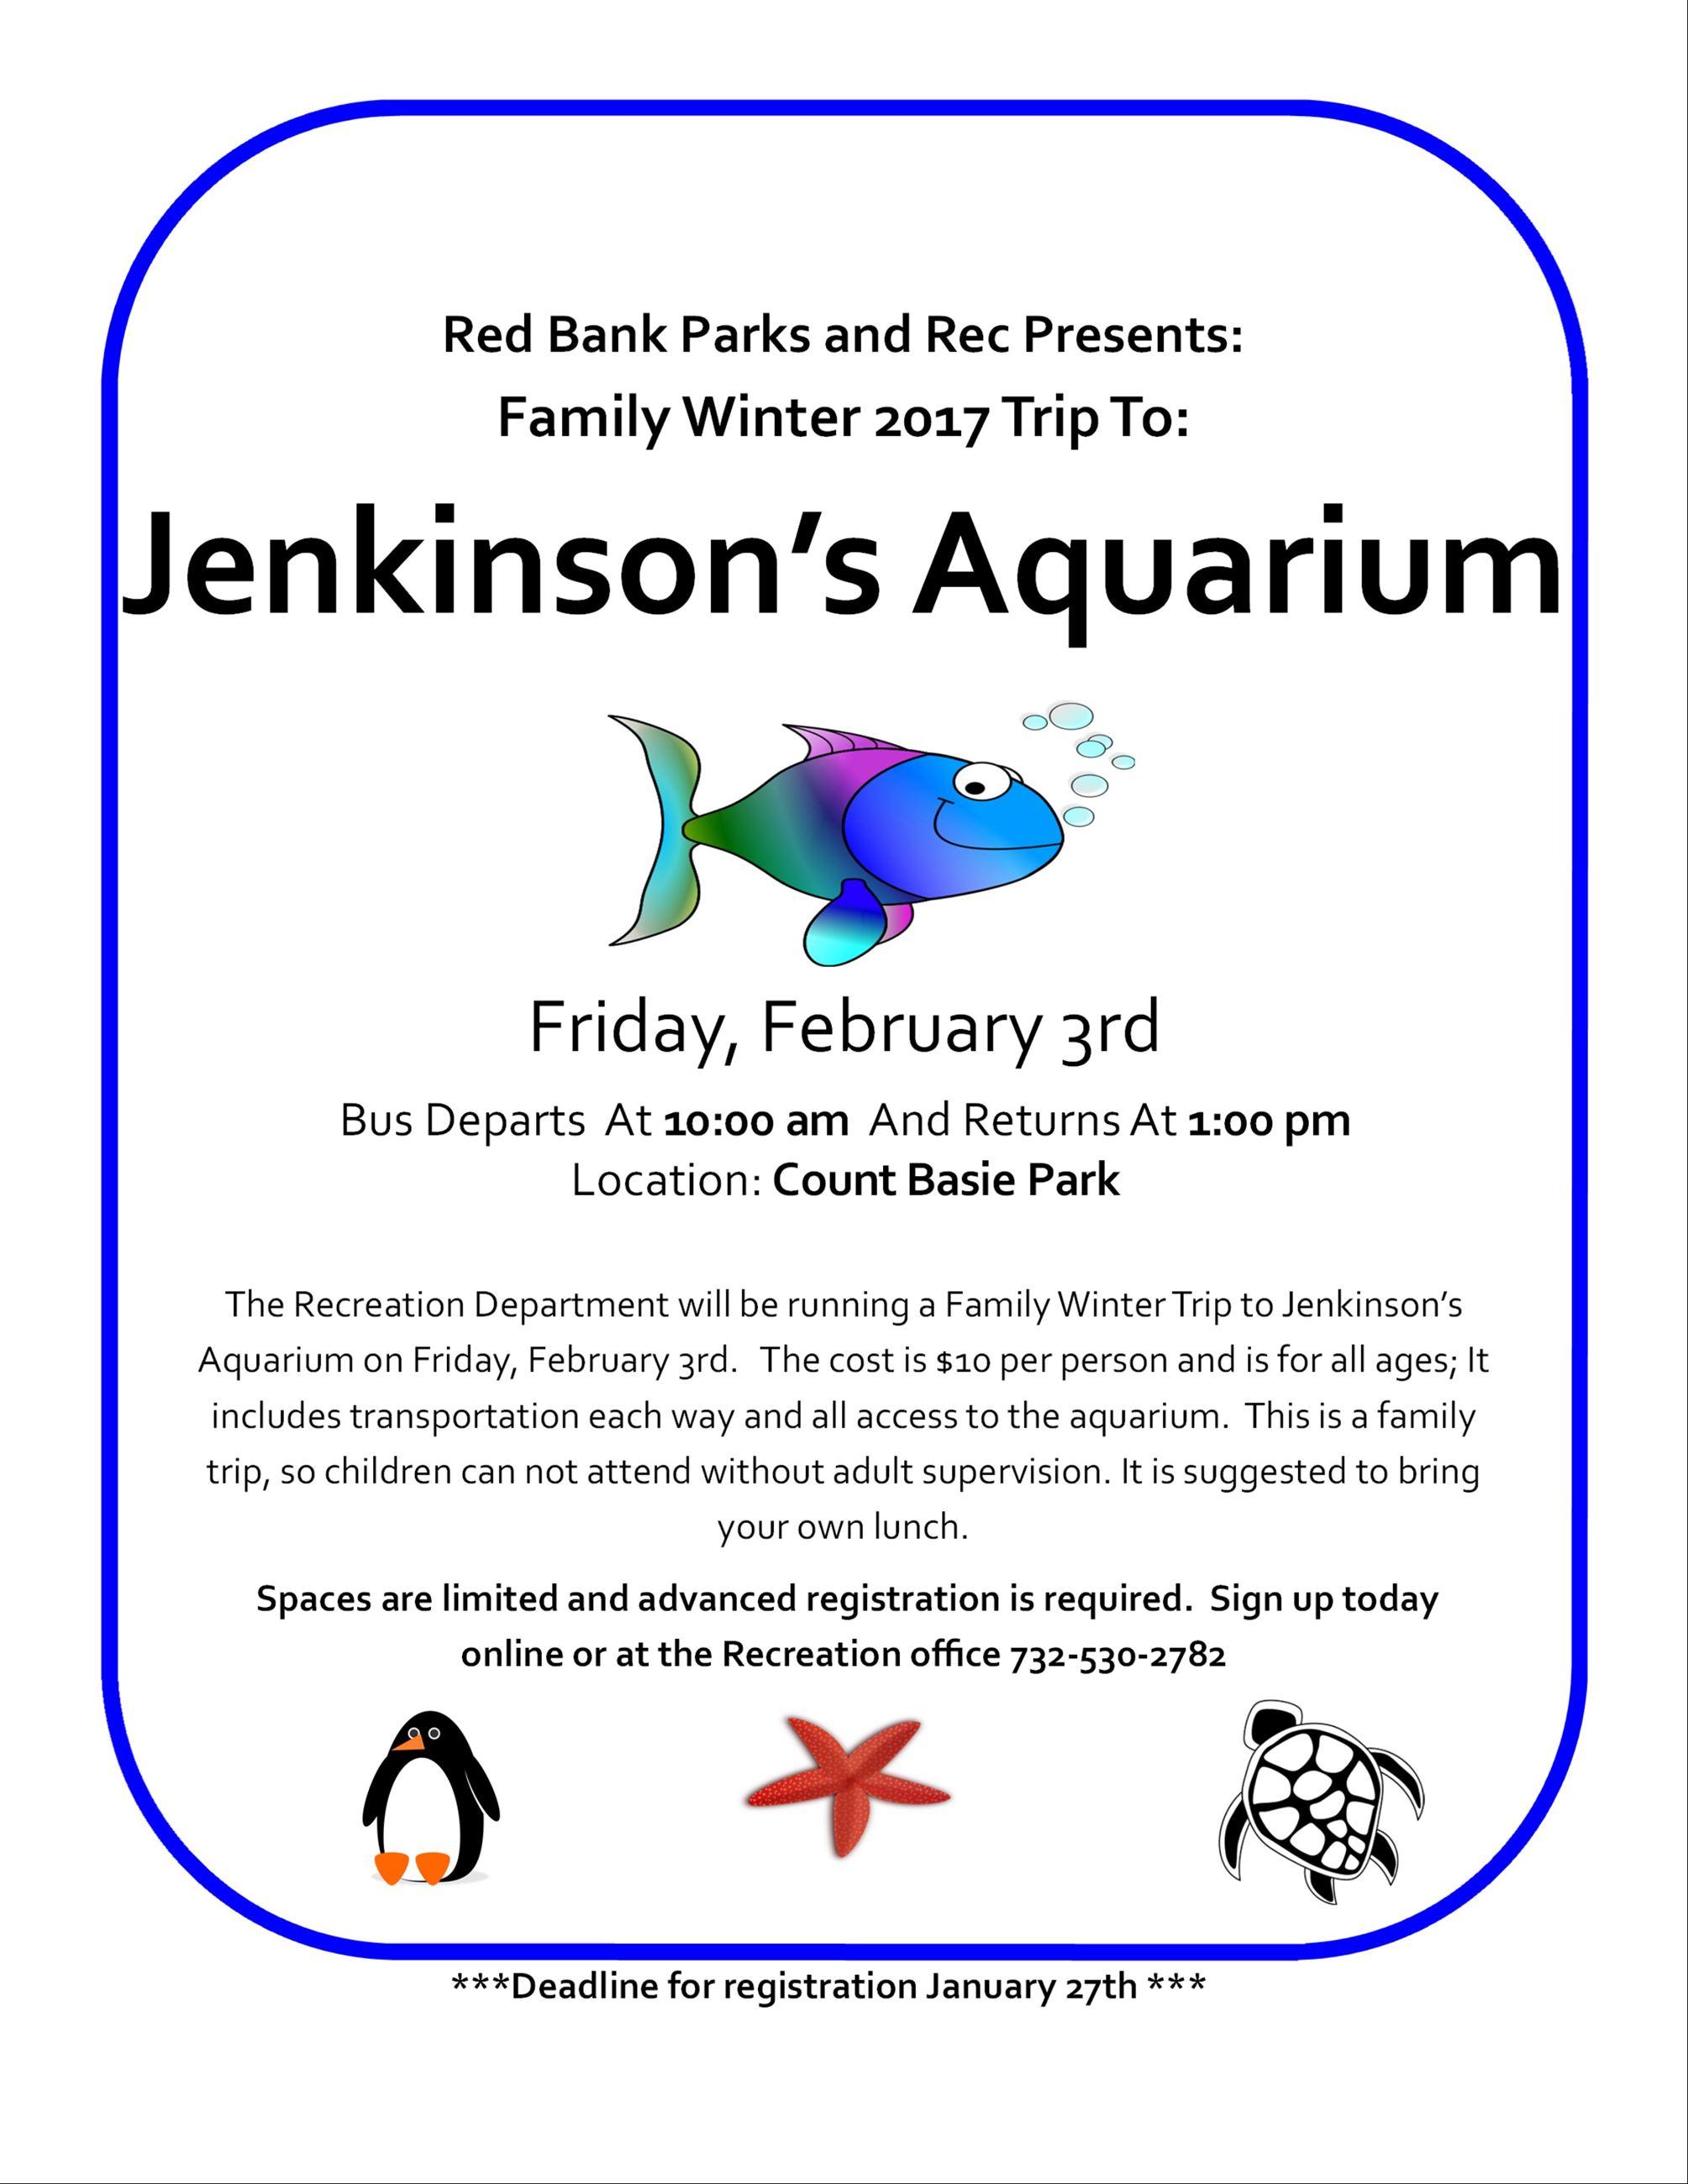 Jenkinsons aquarium trip